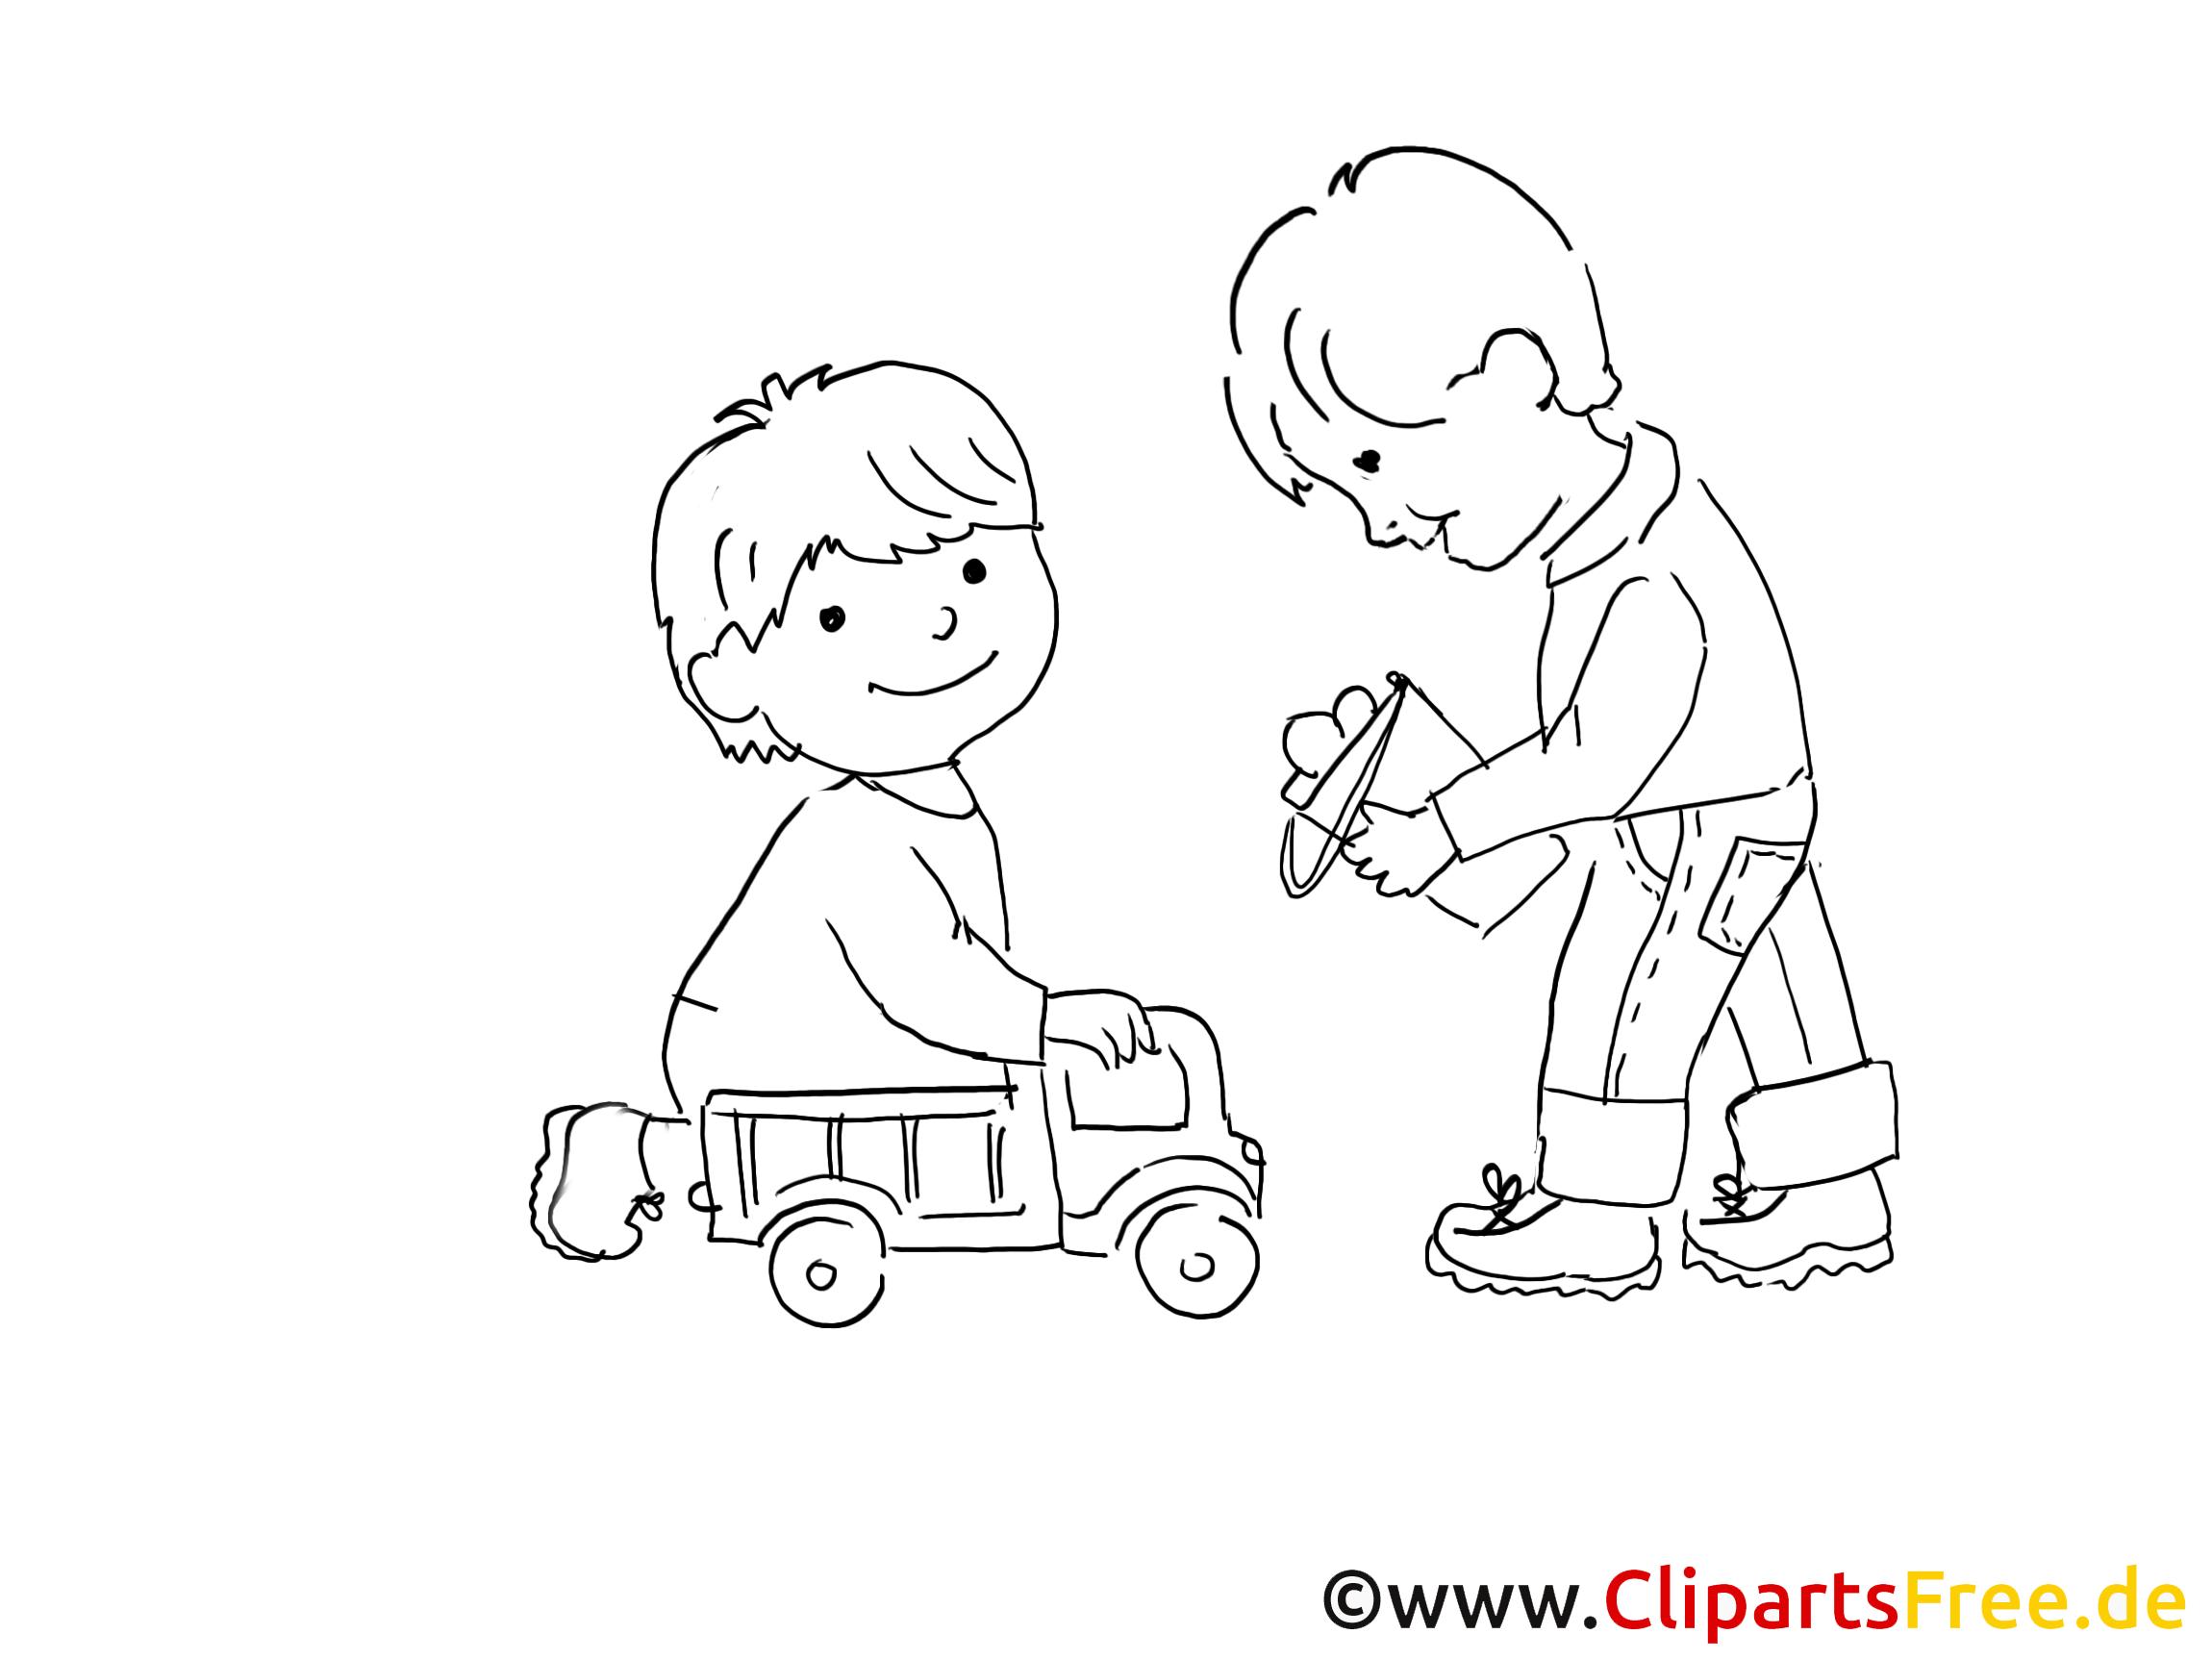 kinder im kindergarten zeichnung bild schwarz weiss clipart comic cartoon kostenlos. Black Bedroom Furniture Sets. Home Design Ideas